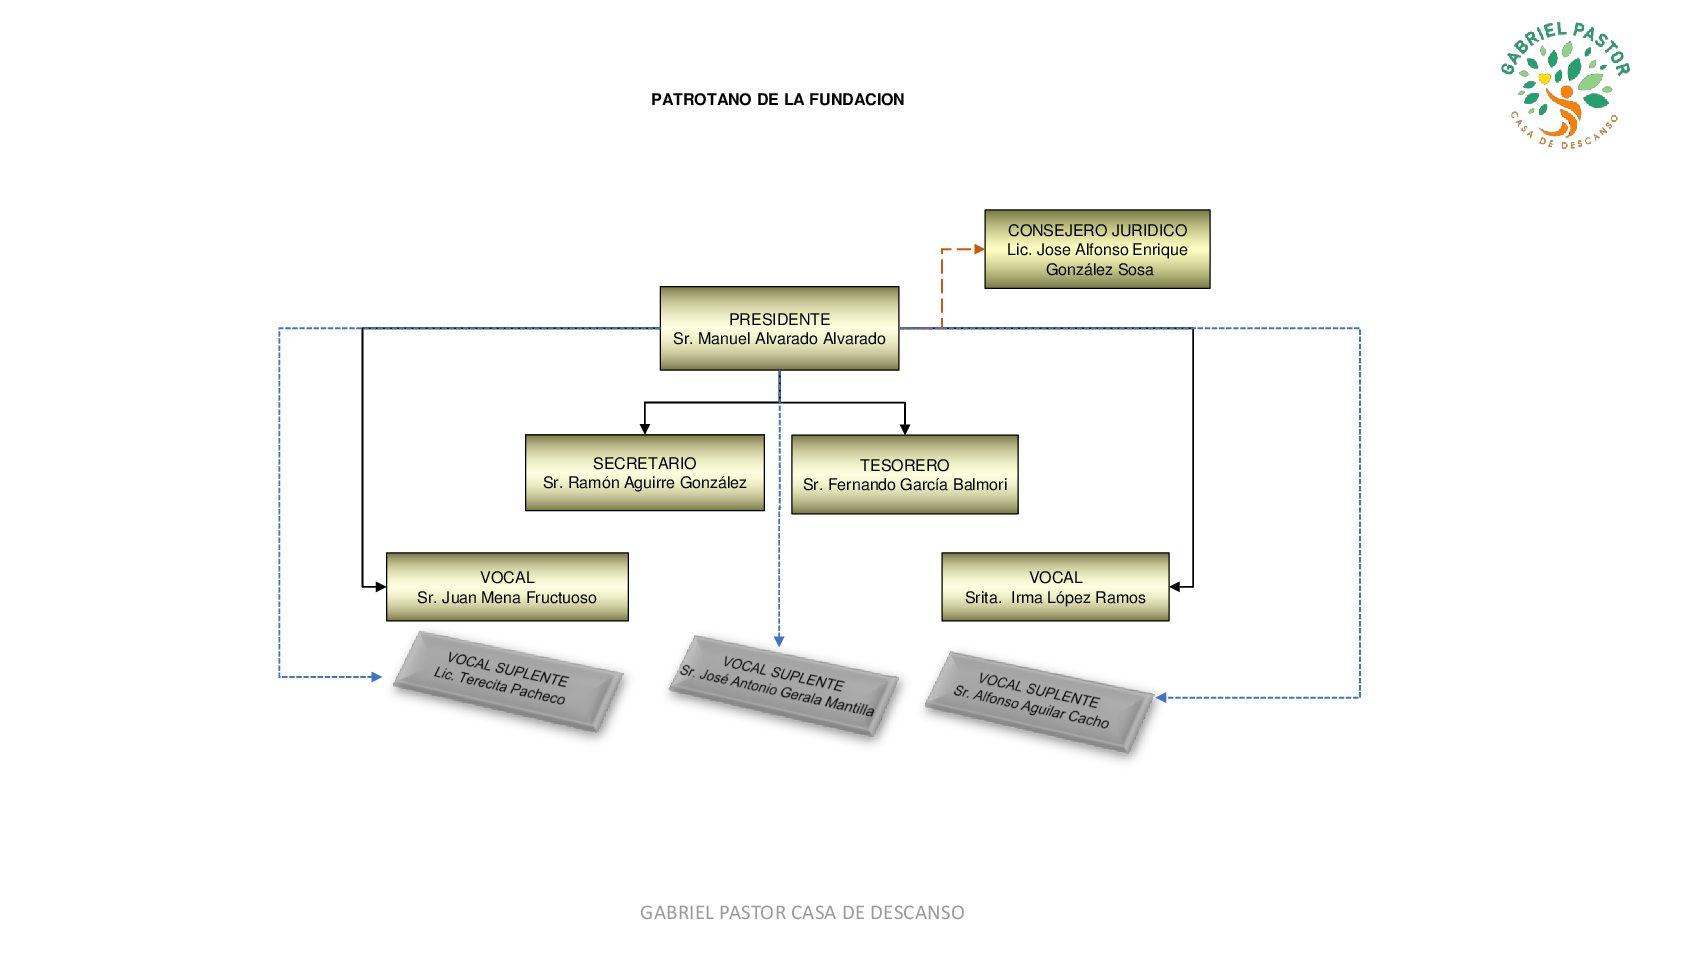 ORGANIGRAMA DE PATRONATO DE LA FUNDACIÓN